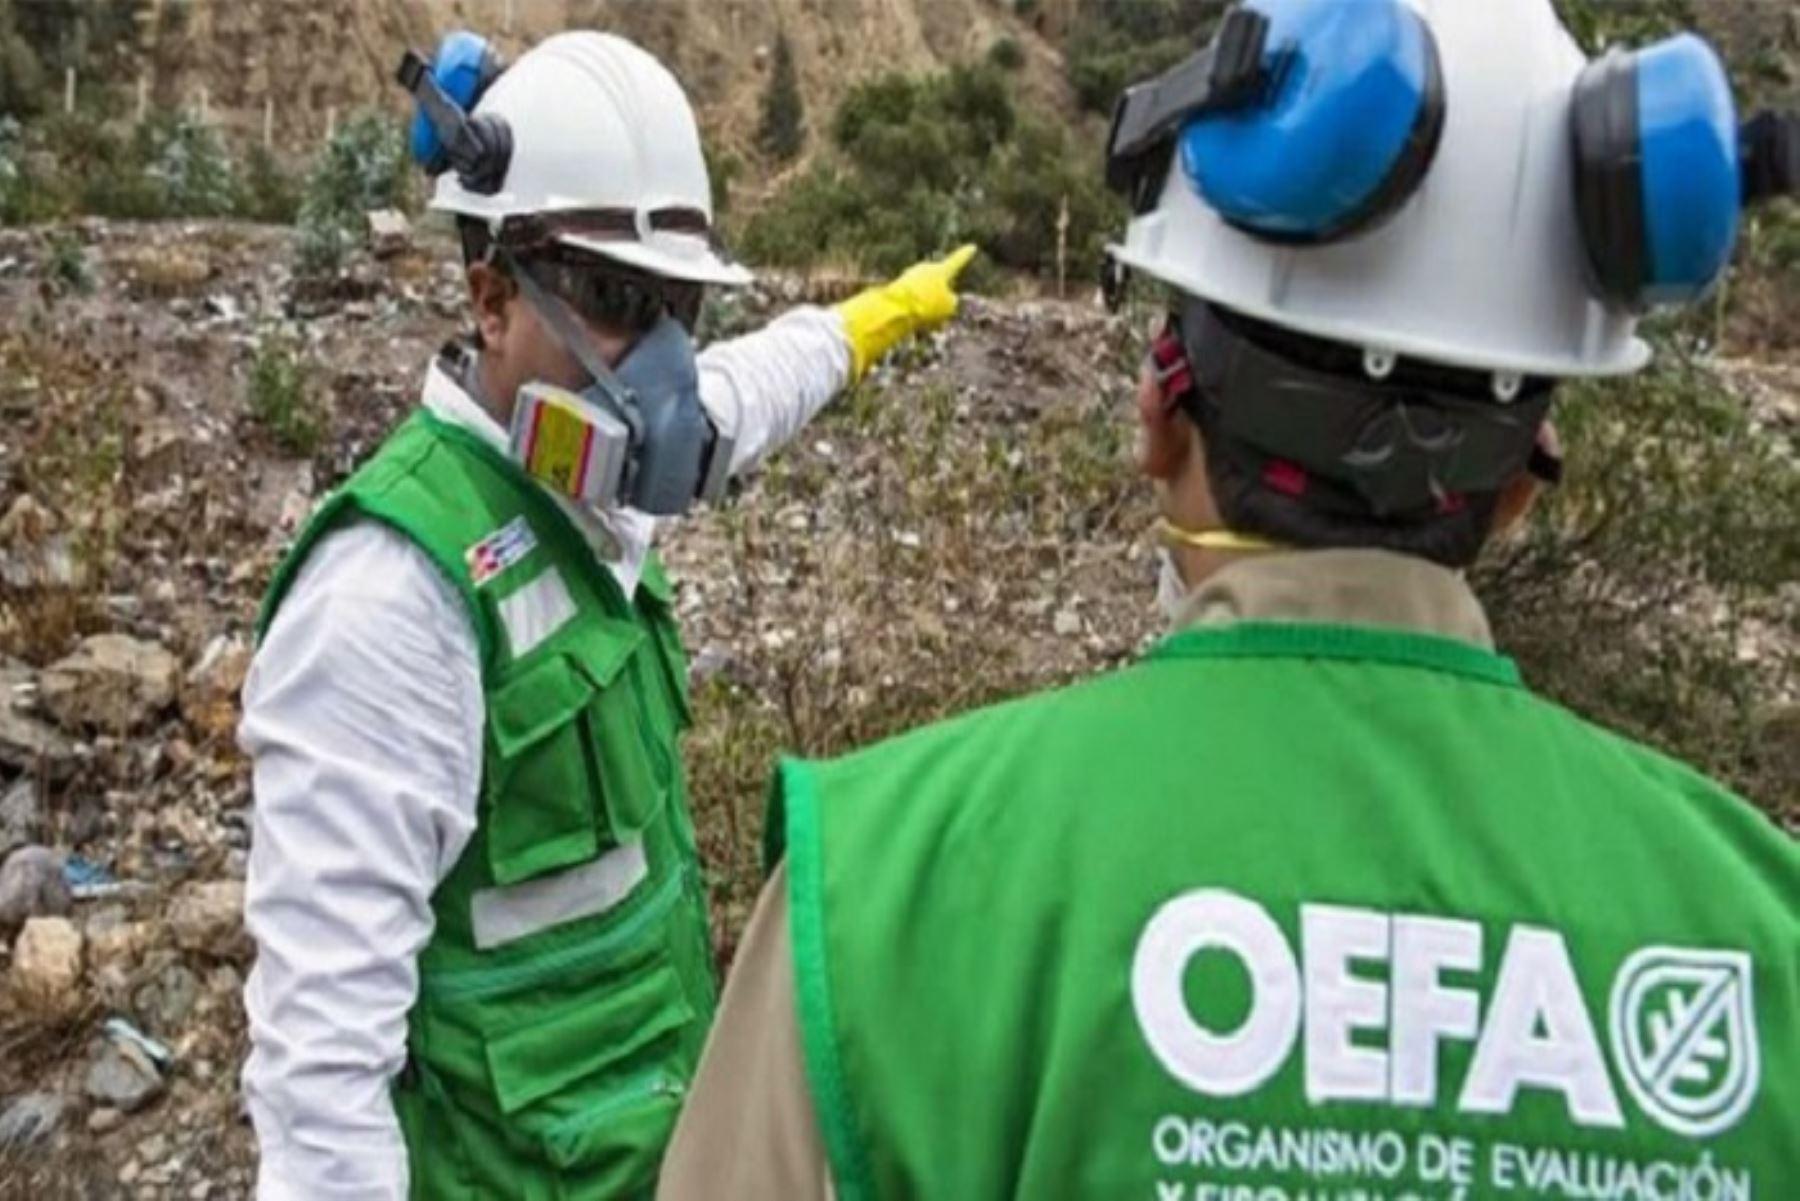 El Organismo de Evaluación y Fiscalización Ambiental (OEFA) inició la supervisión ante las emanaciones percibidas en las inmediaciones del I.E 43001 Montalvo, provenientes de la planta satélite de distribución de gas natural de la empresa Naturgy Perú S.A., en la localidad de Montalvo, distrito de Moquegua, provincia de Mariscal Nieto, departamento de Moquegua.